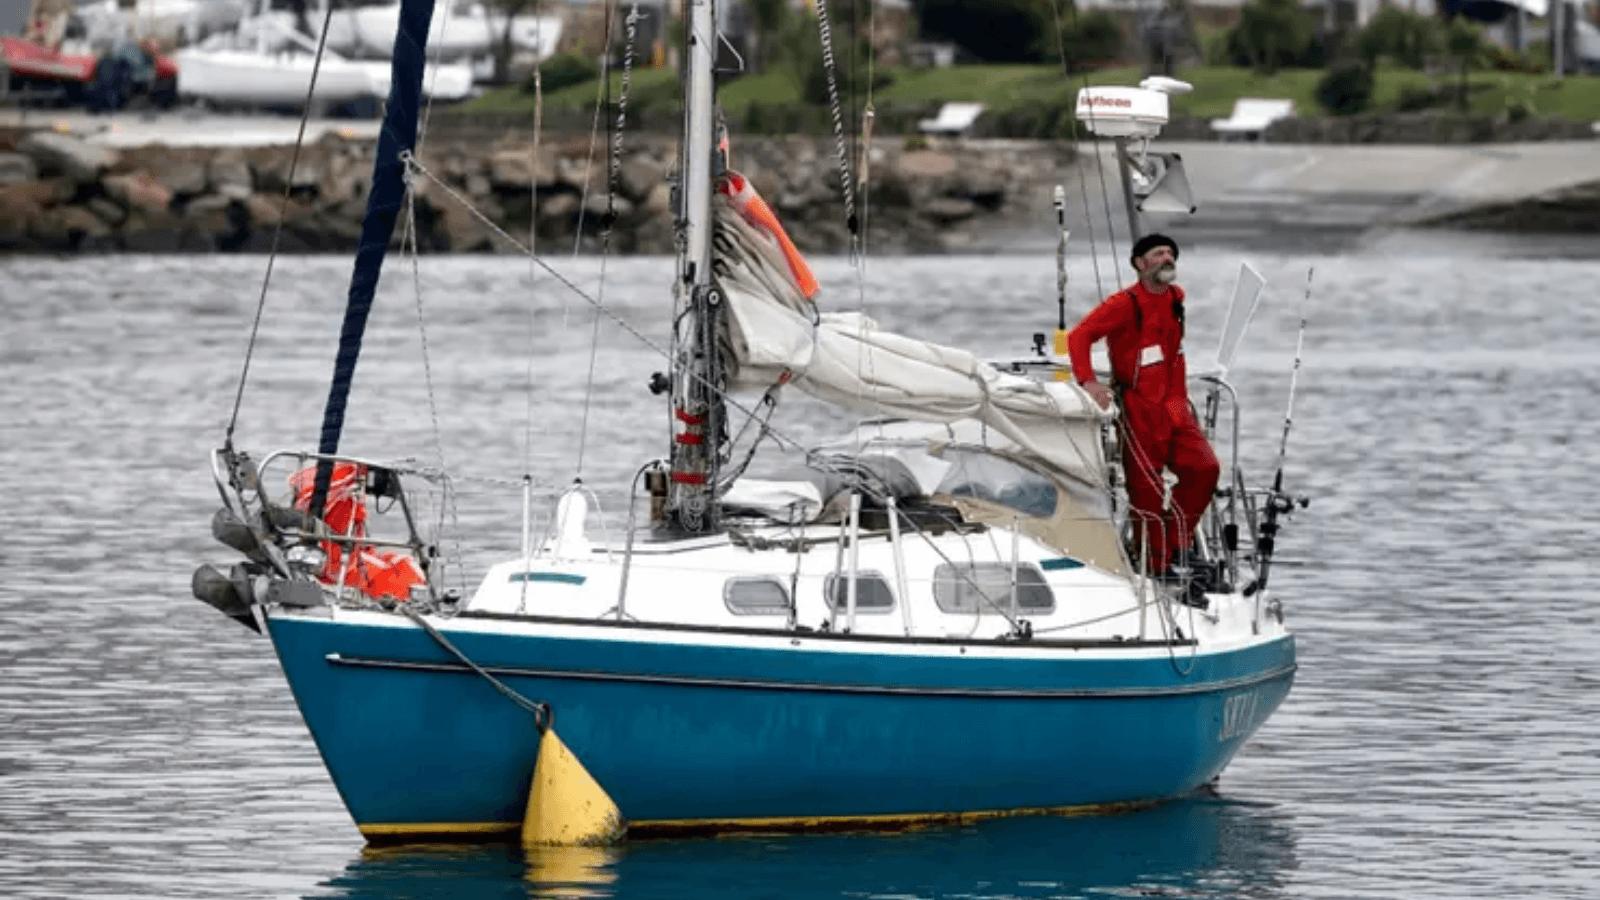 Cruzó el océano Atlántico en velero durante 74 días para reencontrarse con su familia en Mar del Plata